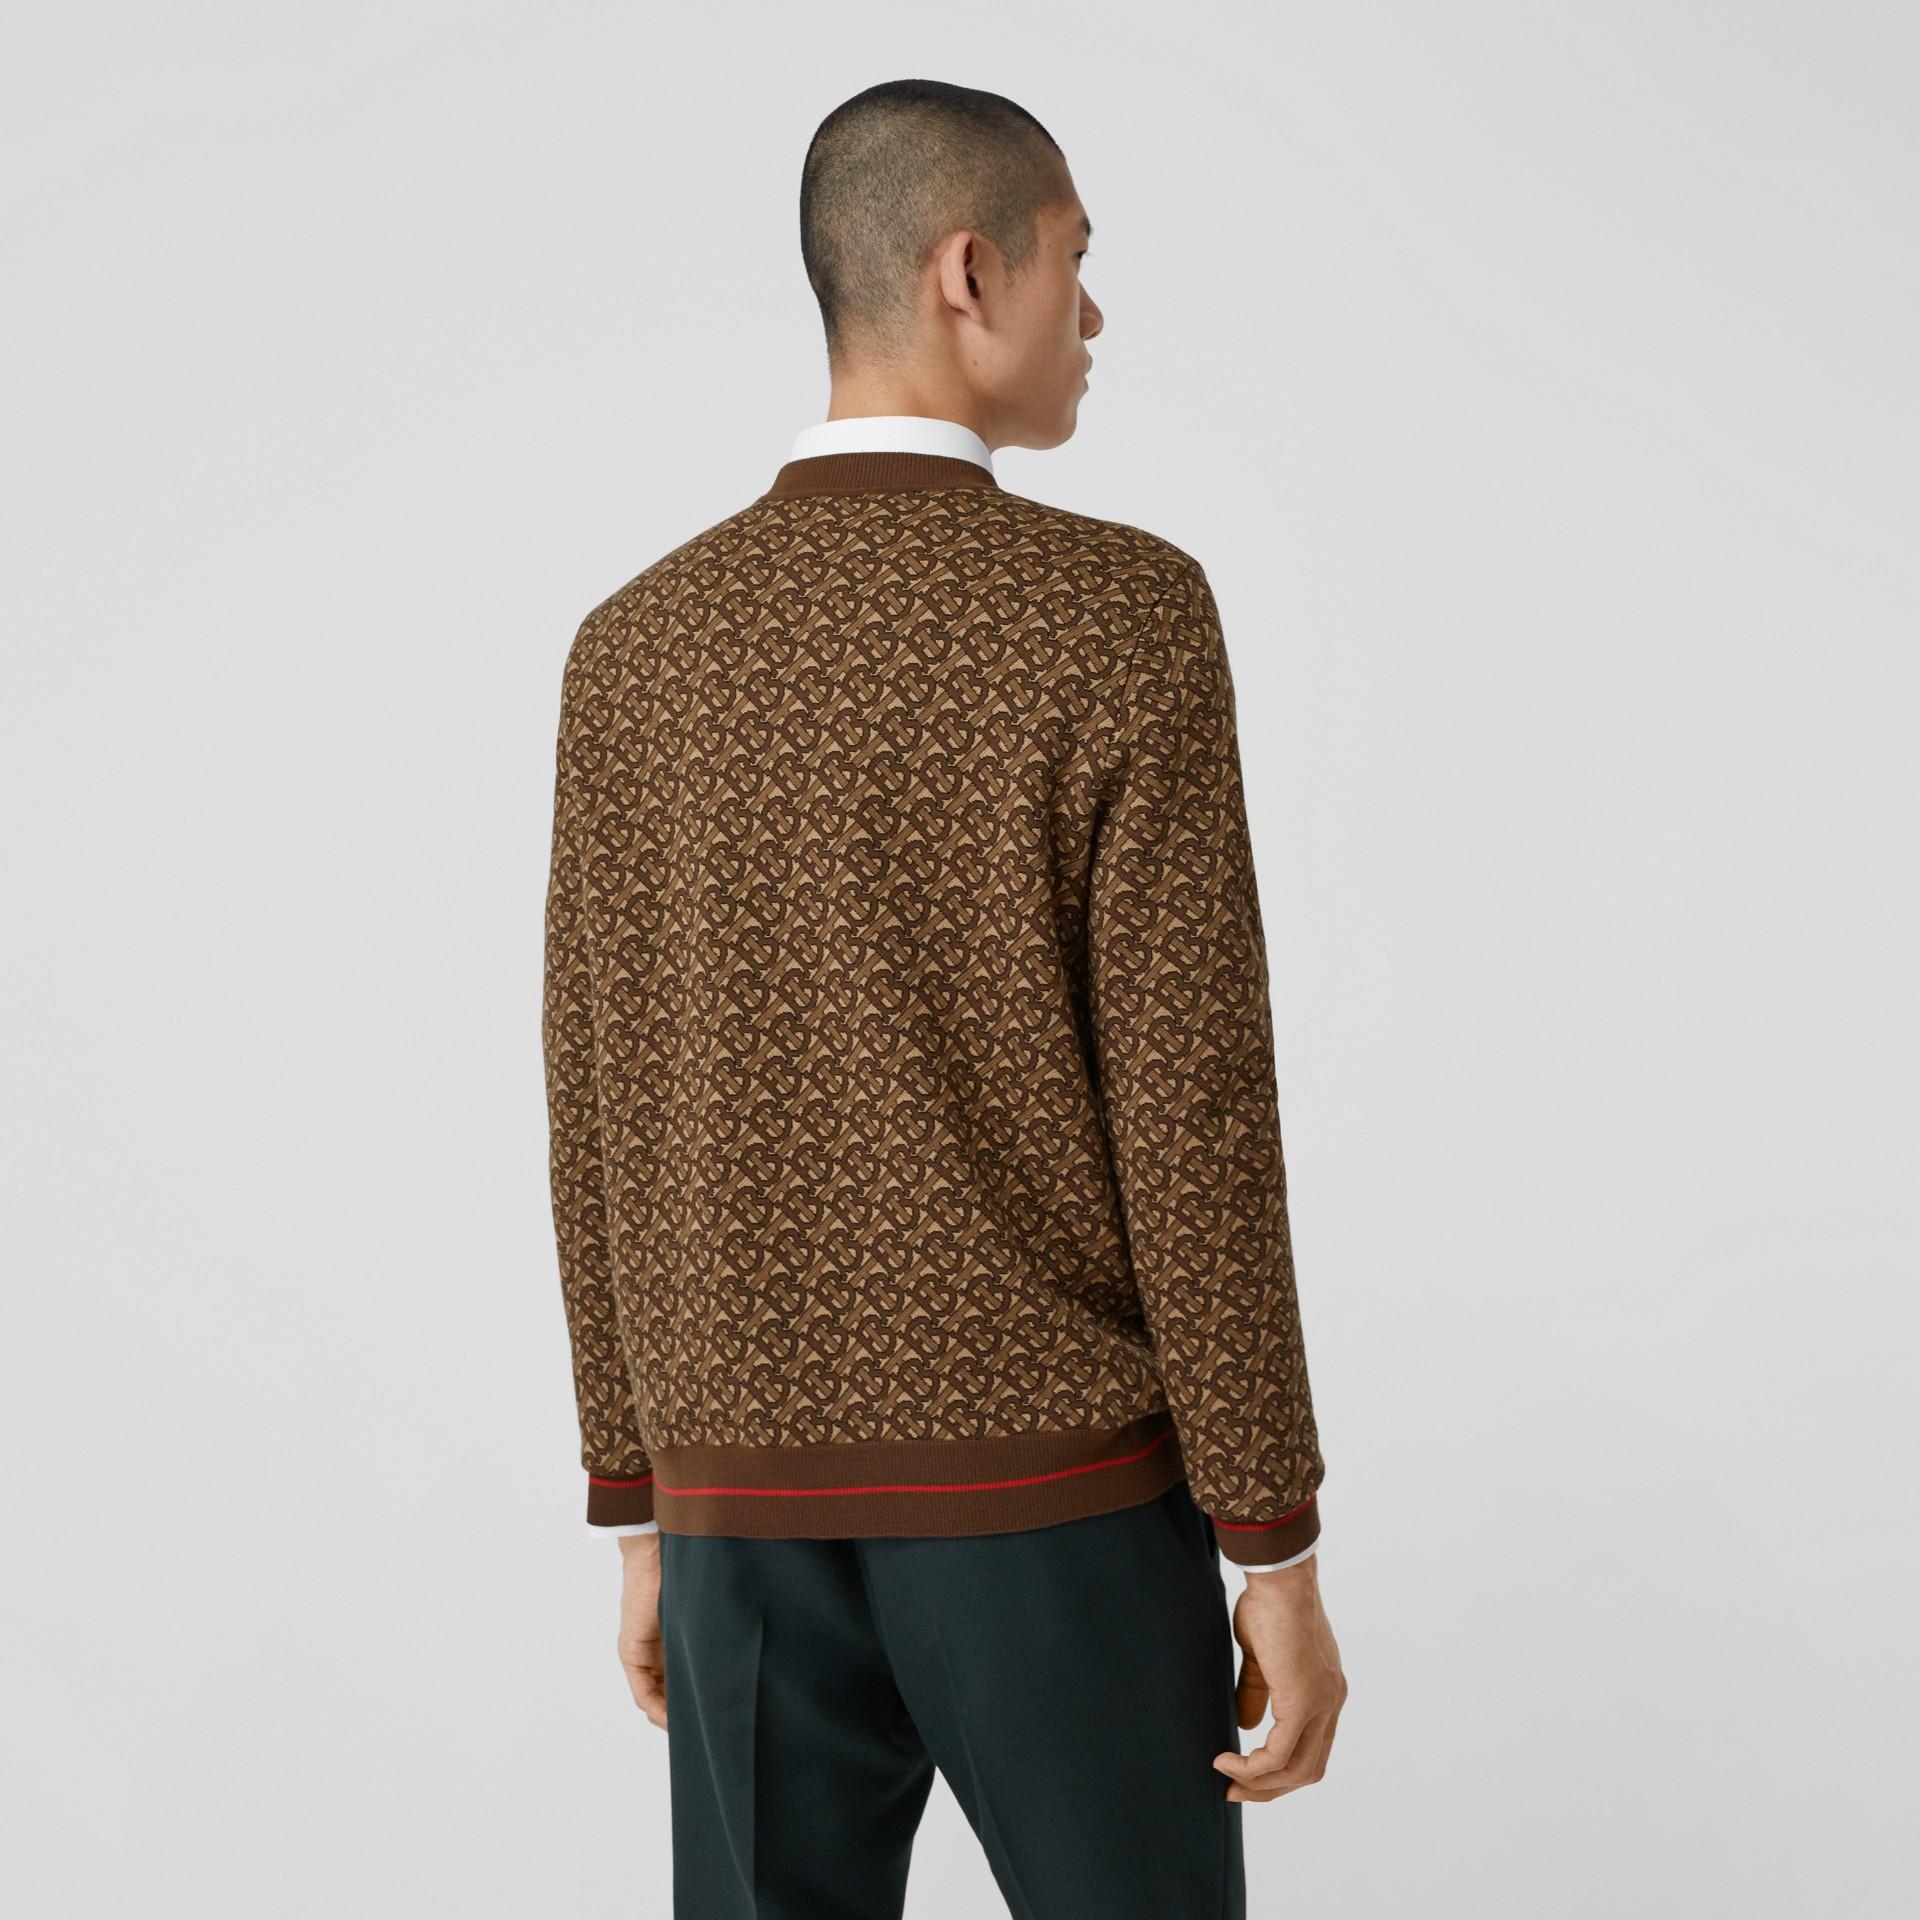 Pull en jacquard de laine mérinos Monogram (Brun Bride) - Homme | Burberry Canada - photo de la galerie 2